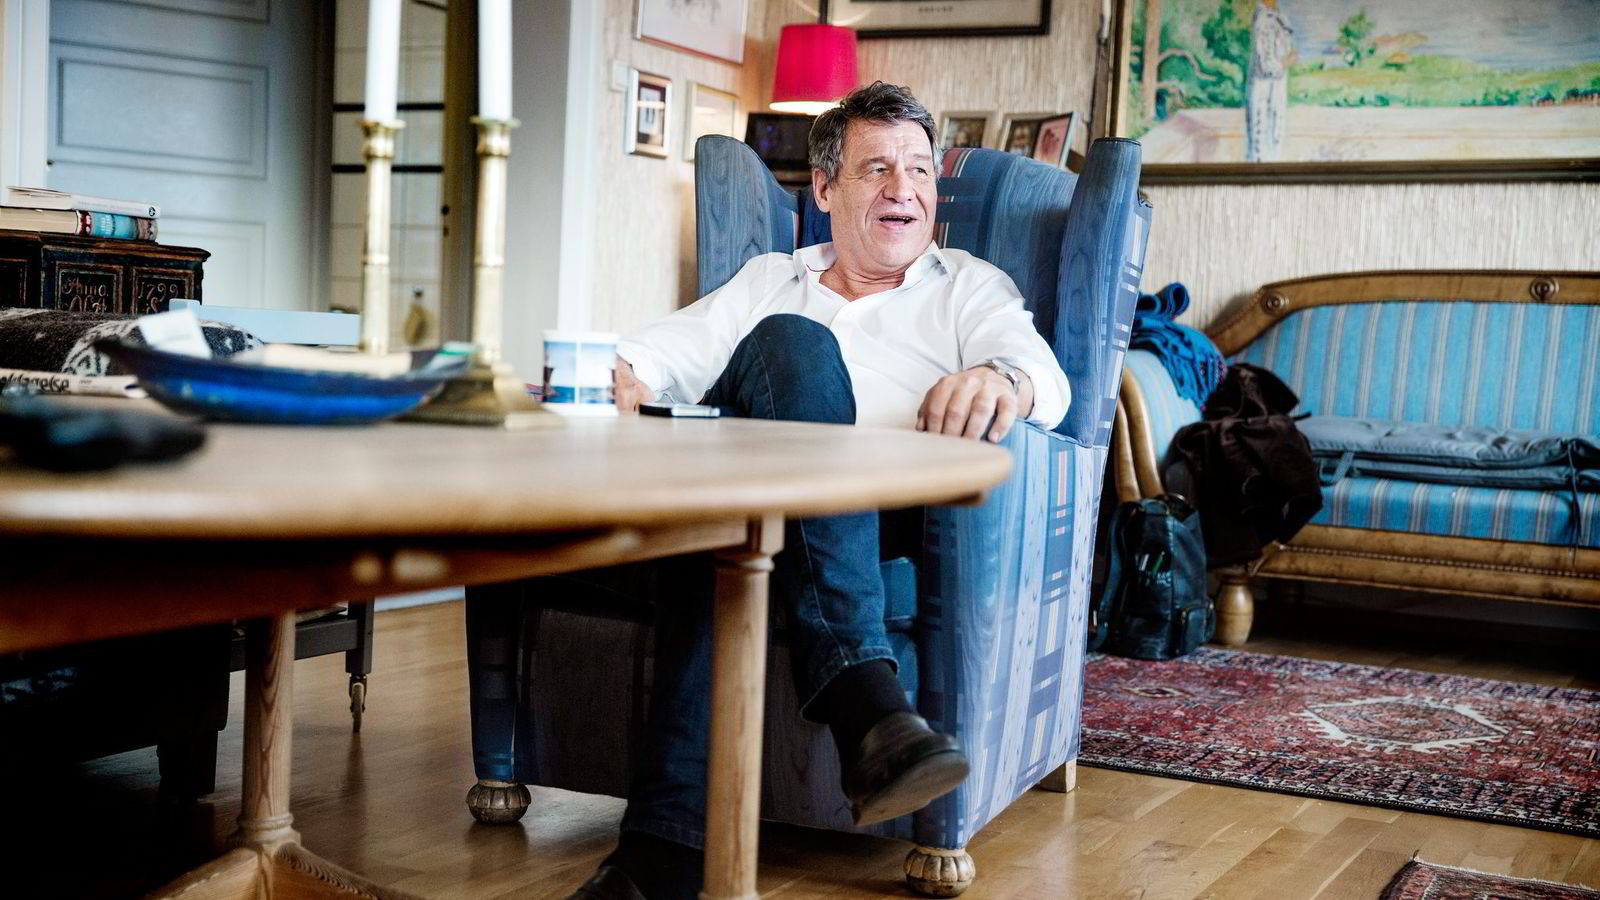 Lunders advokat, Cato Schiøtz, sier han kjenner identiteten til både avsenderen og mottagerne. Foto: Per Thrana